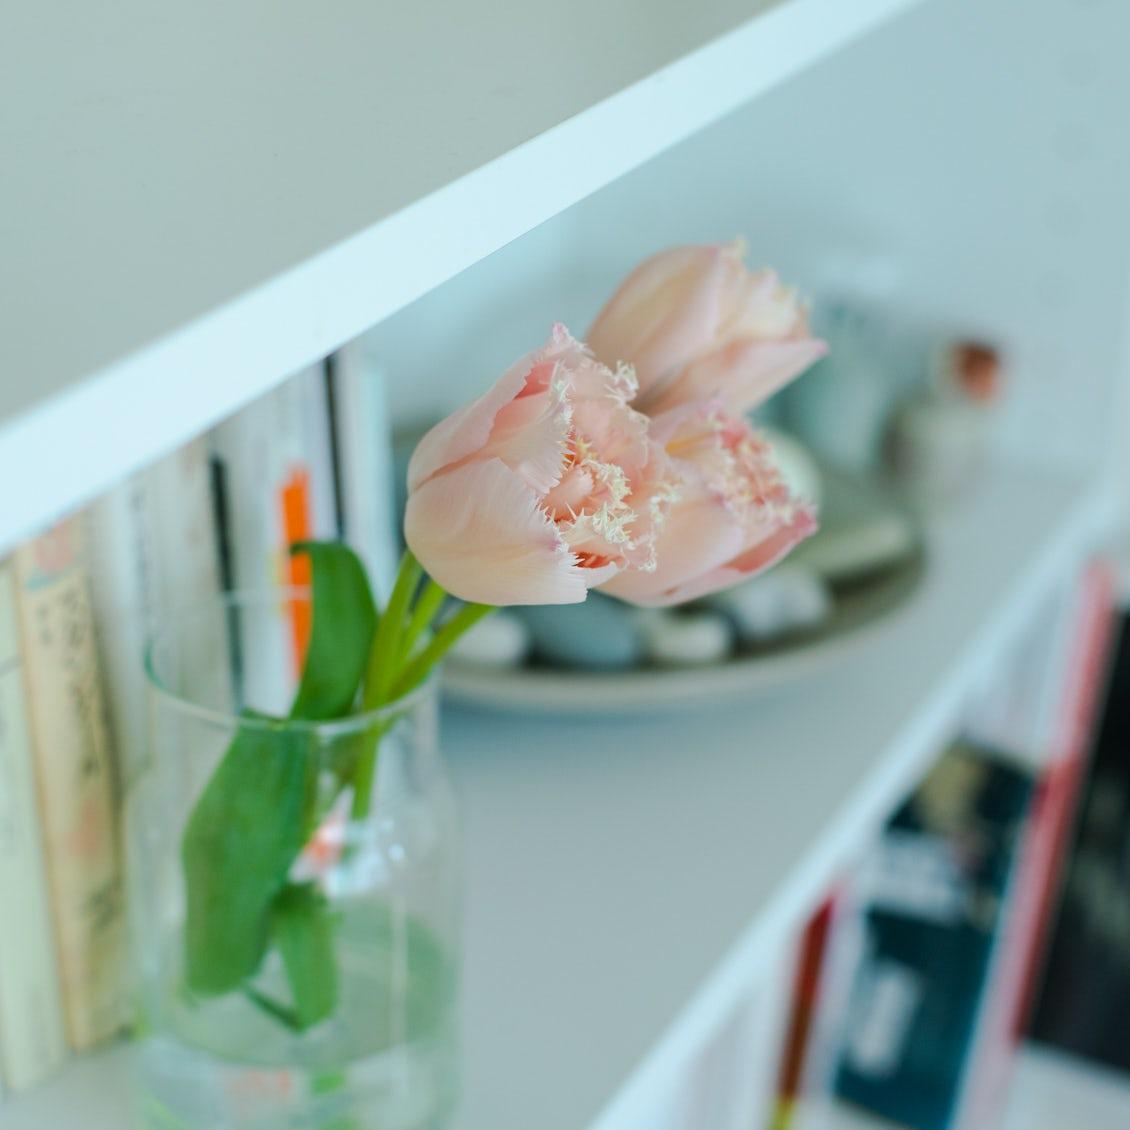 【花と暮らすを、始めたい】第4話:花を、明日も楽しむために知っておきたいこと